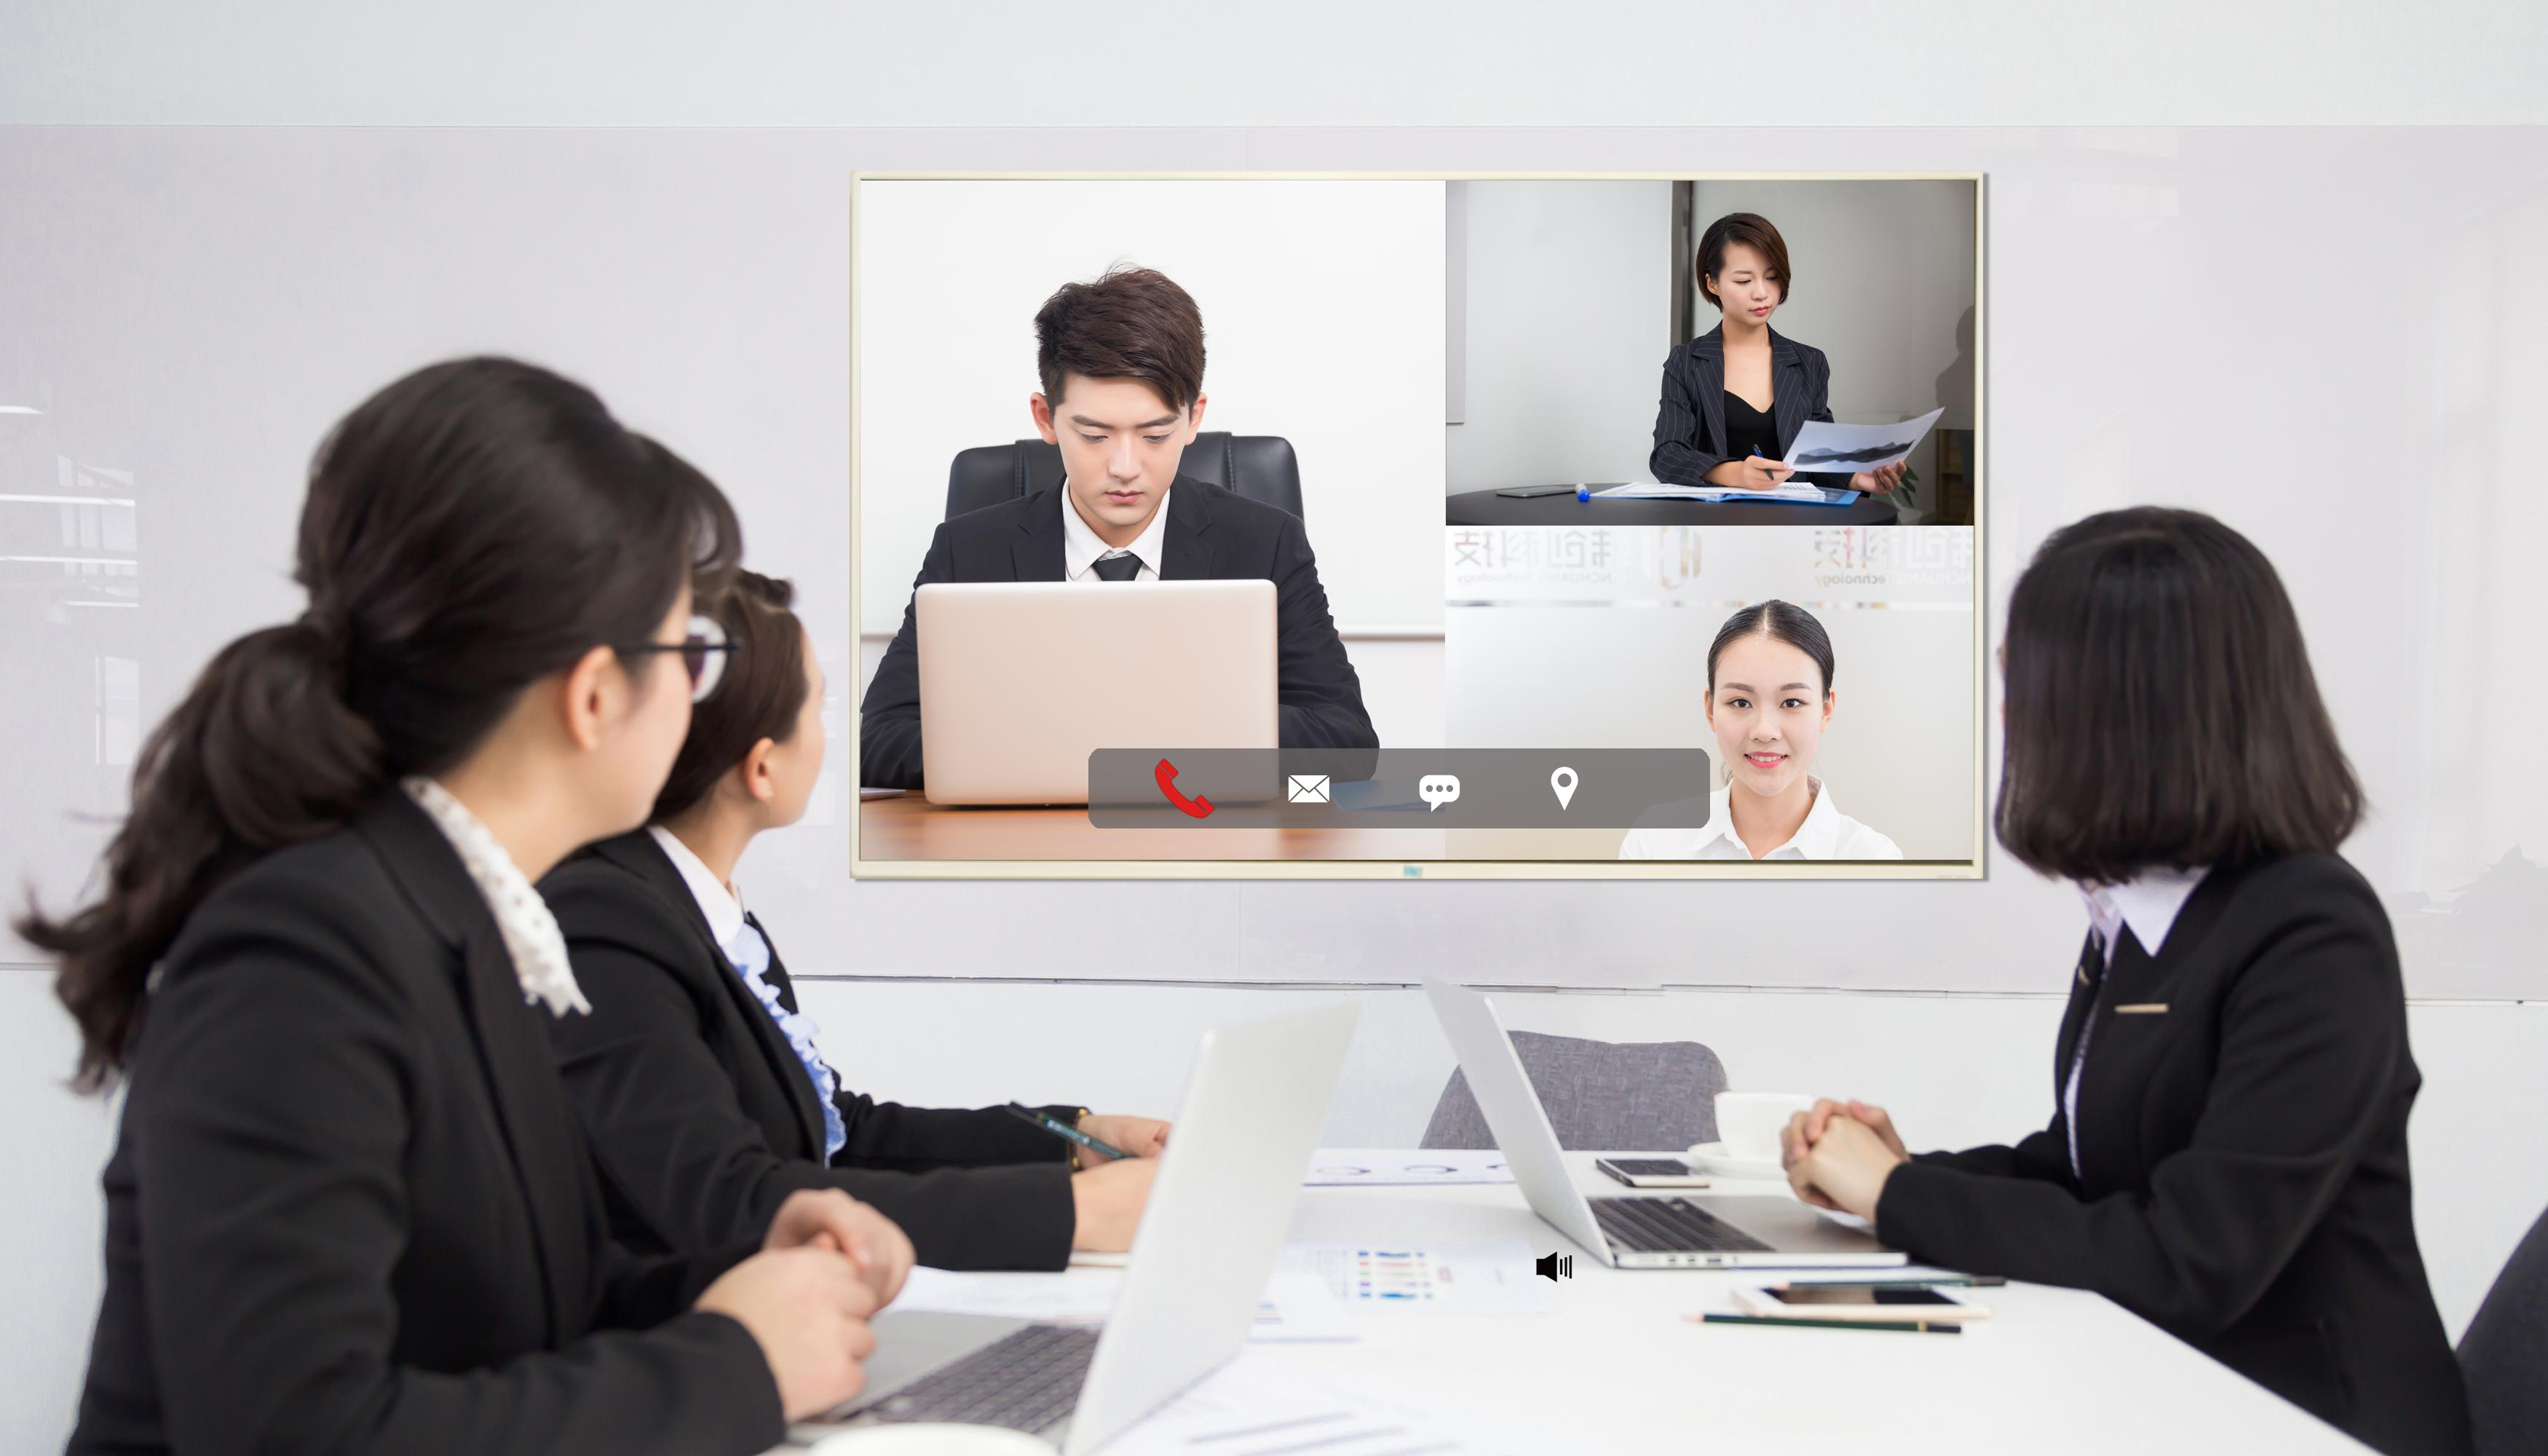 云视频会议系统的核心服务是什么 第2张